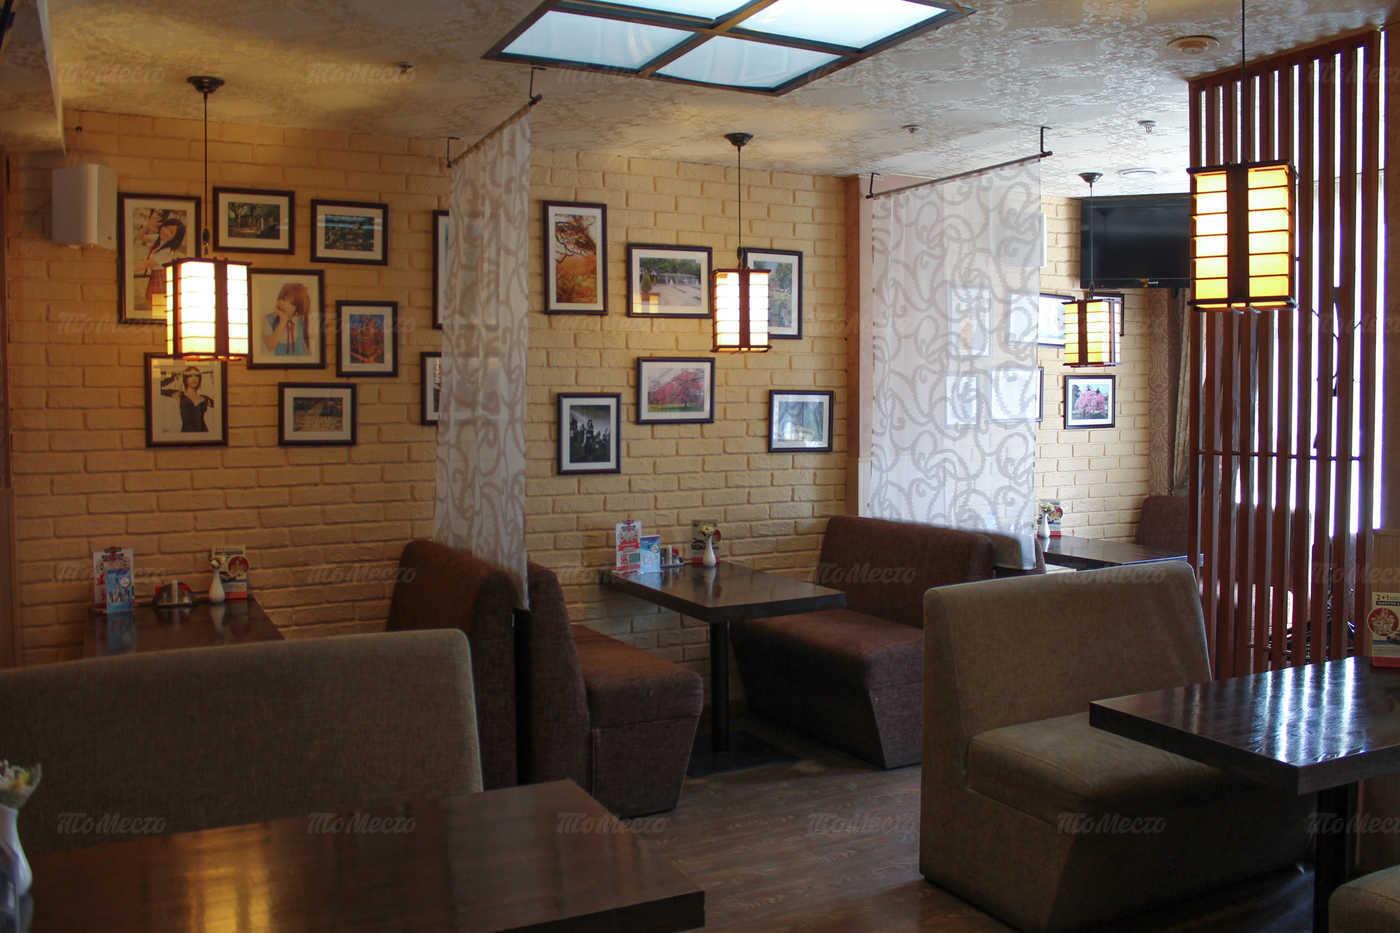 Меню бара, кафе, ресторана Япона мама на улице Радищева